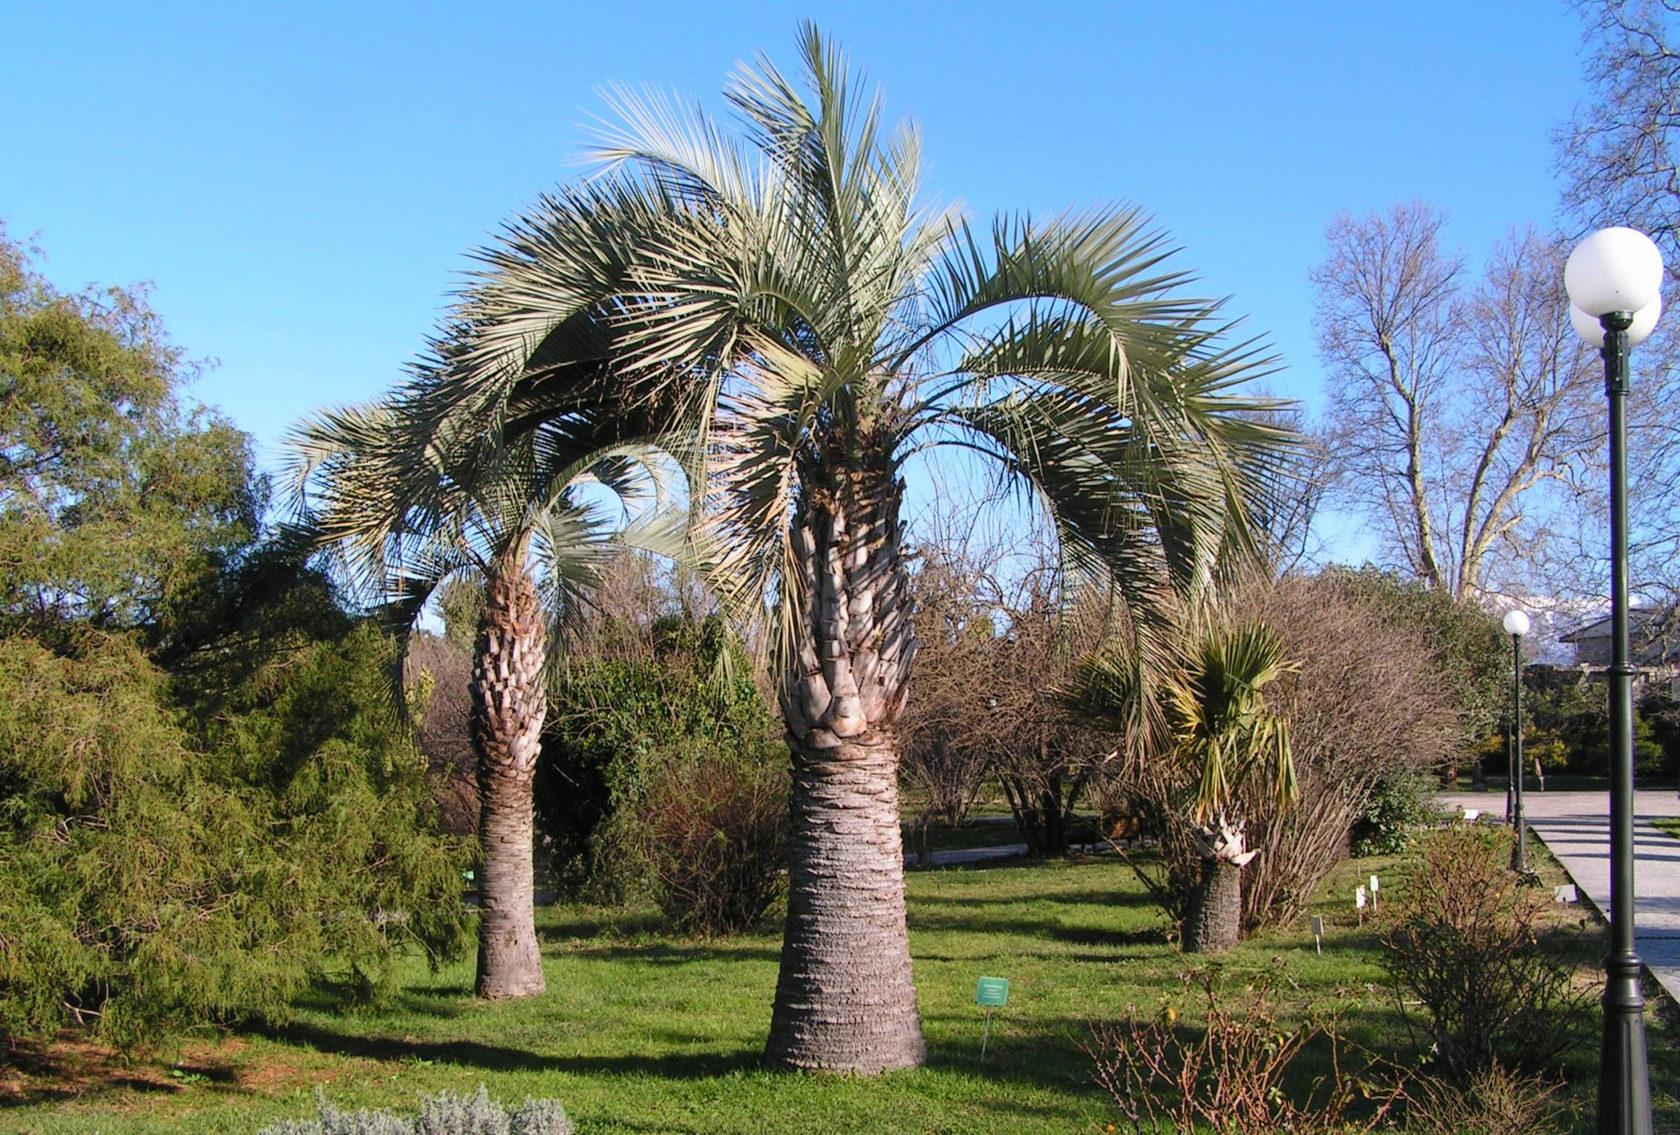 таня пальмовые кустарники растут сочи фото в дендрарий забор